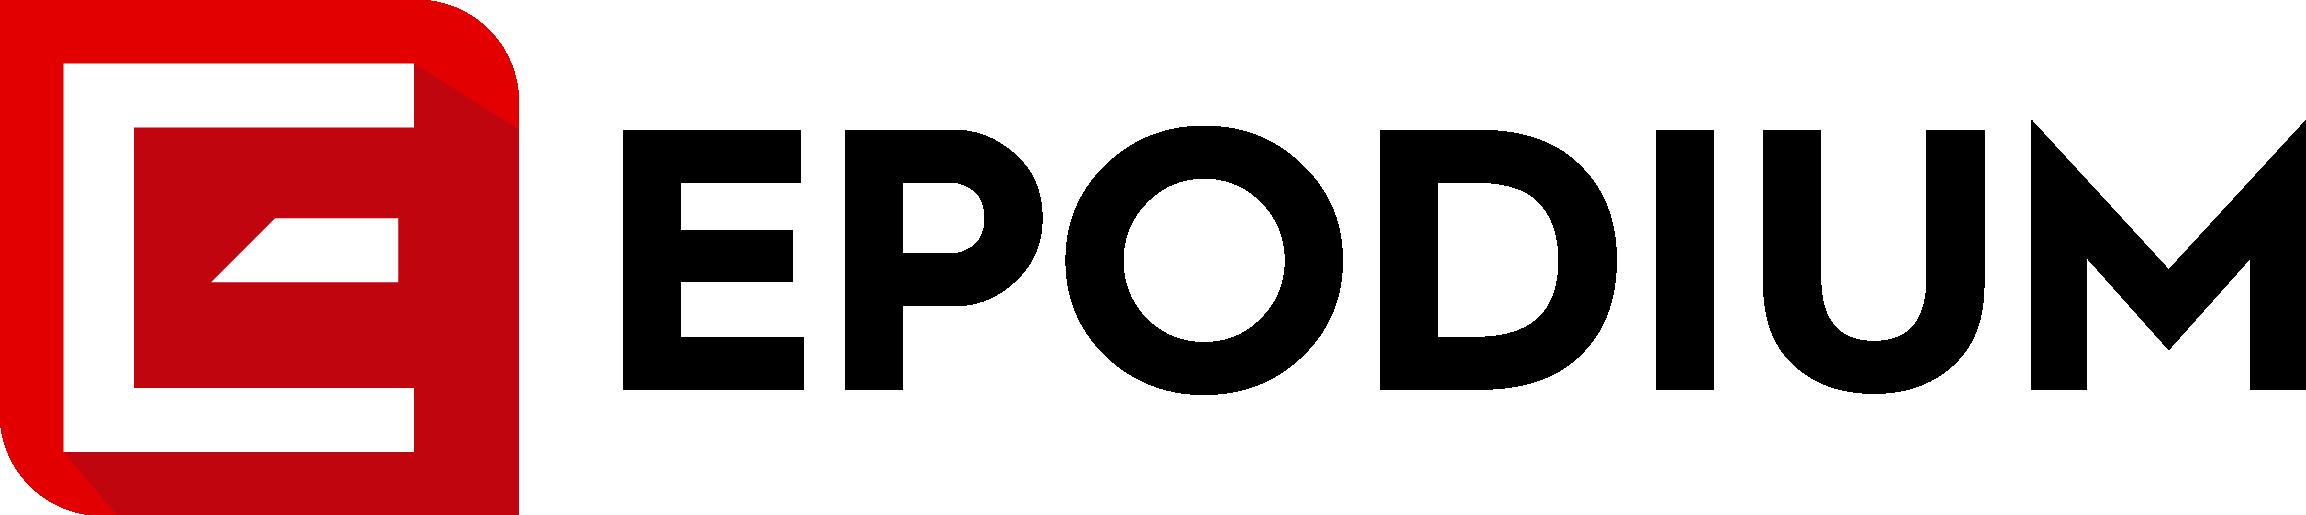 EPODIUM